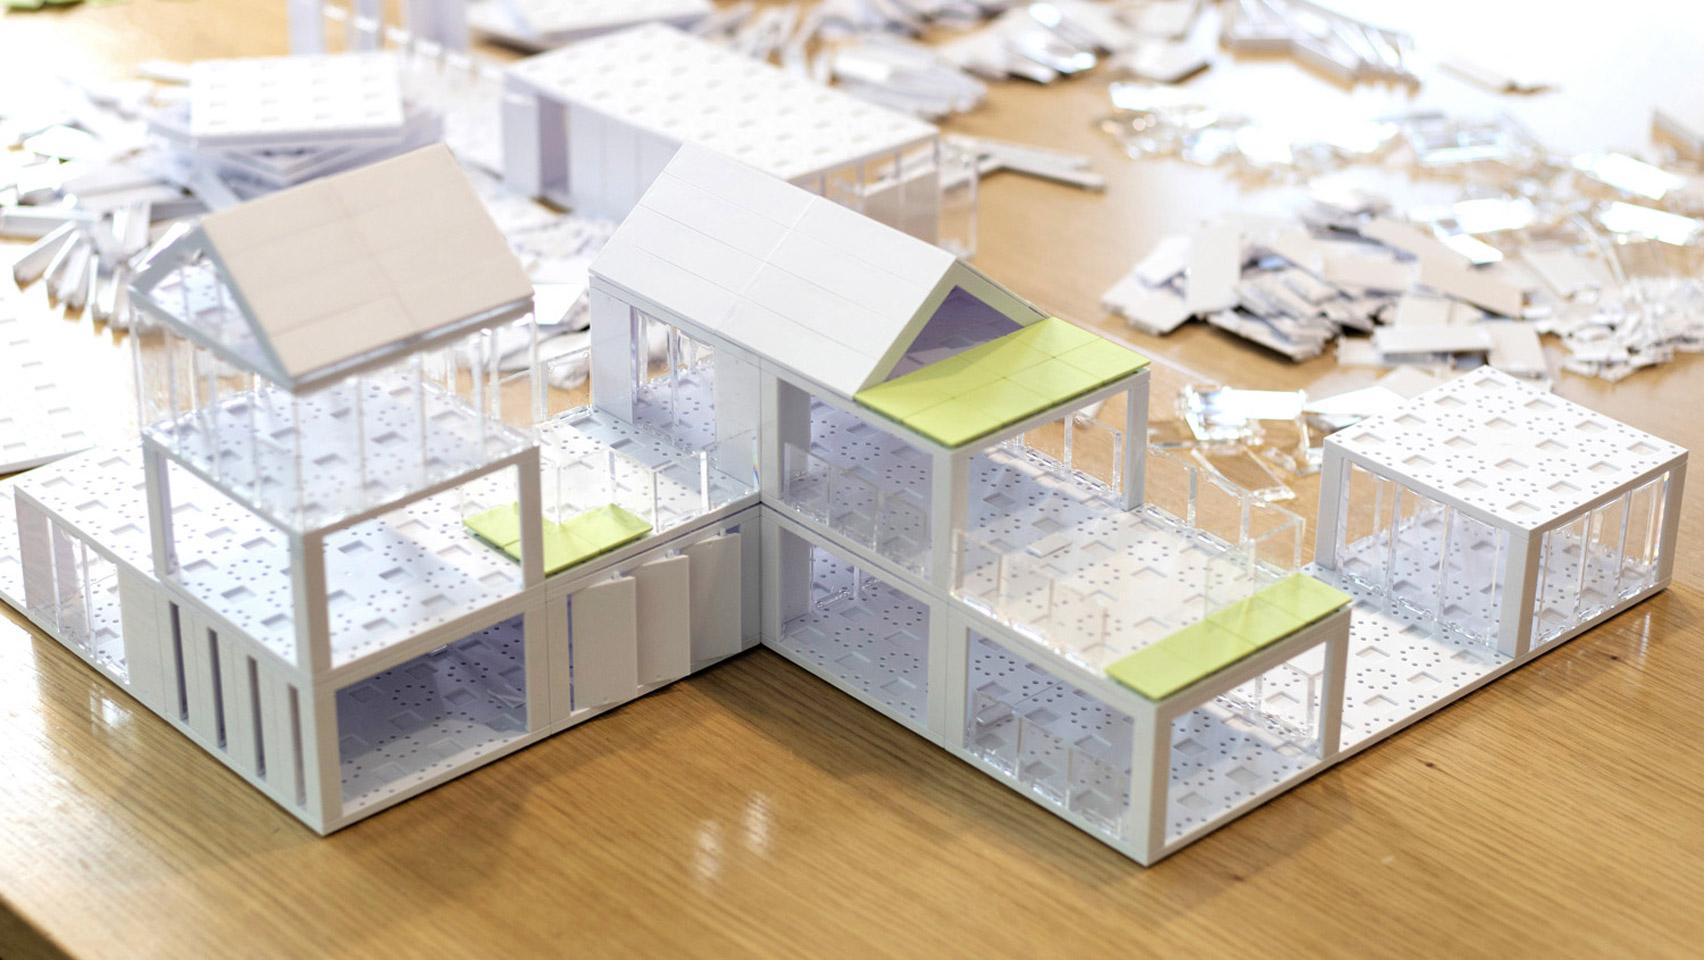 Arckit's modular building kit